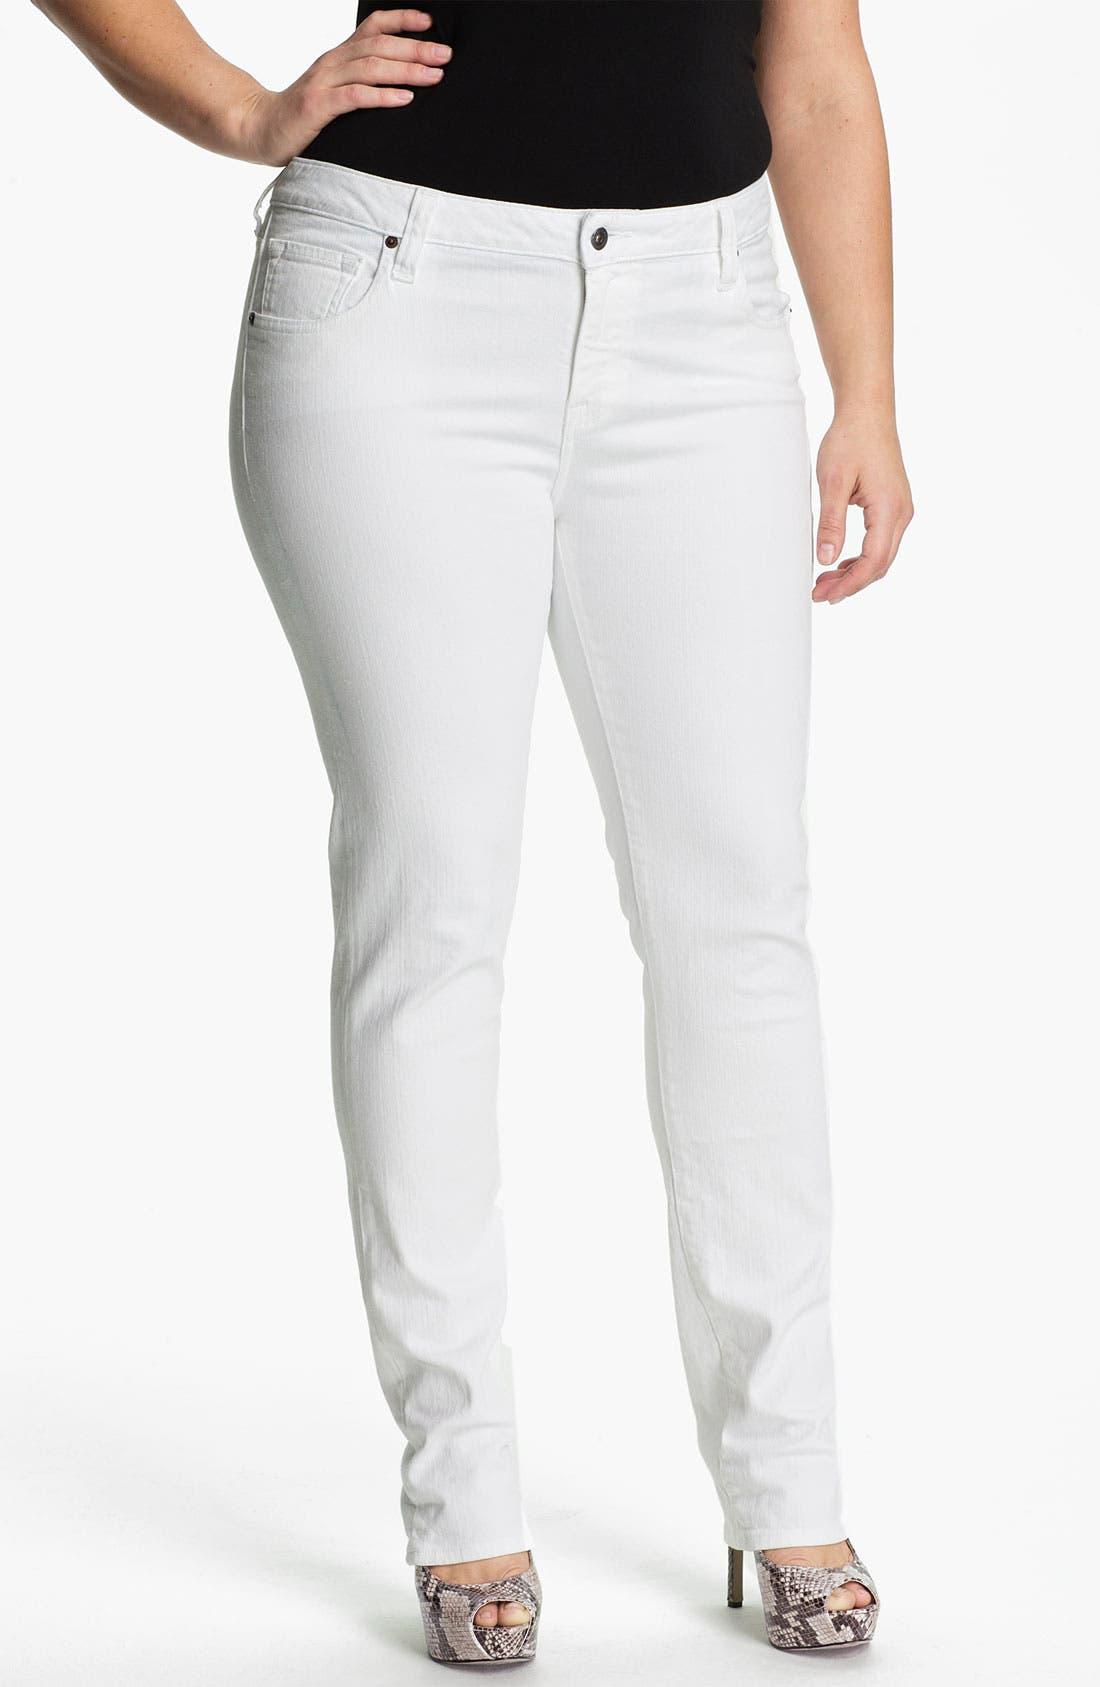 Alternate Image 1 Selected - Lucky Brand 'Ginger' Skinny Denim Jeans (Plus)